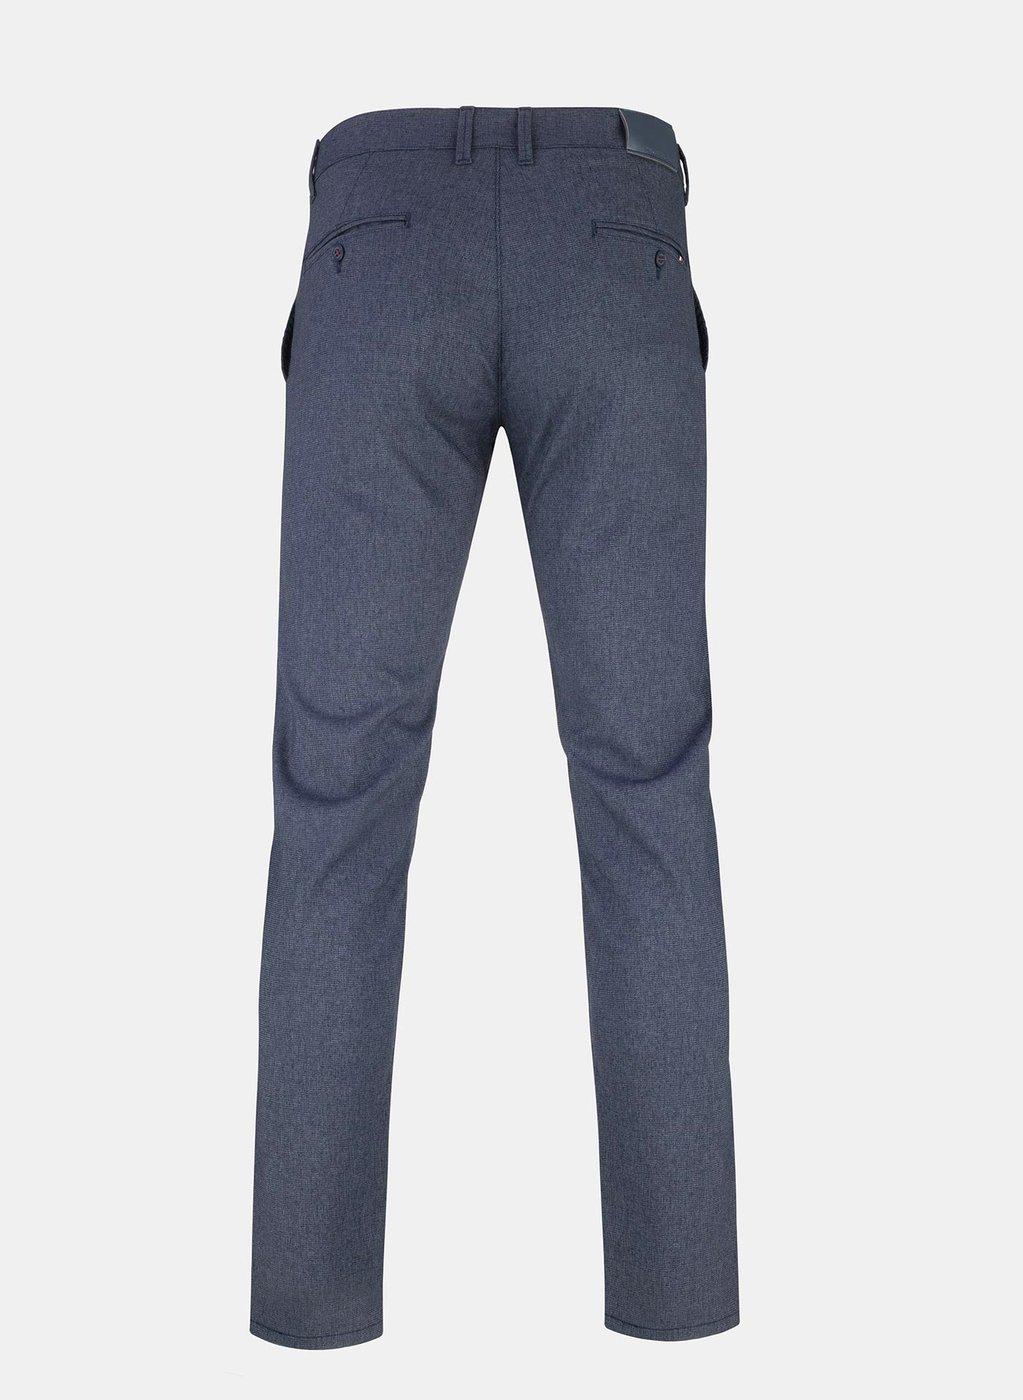 Spodnie męskie CHAN PLM-WX-215-G